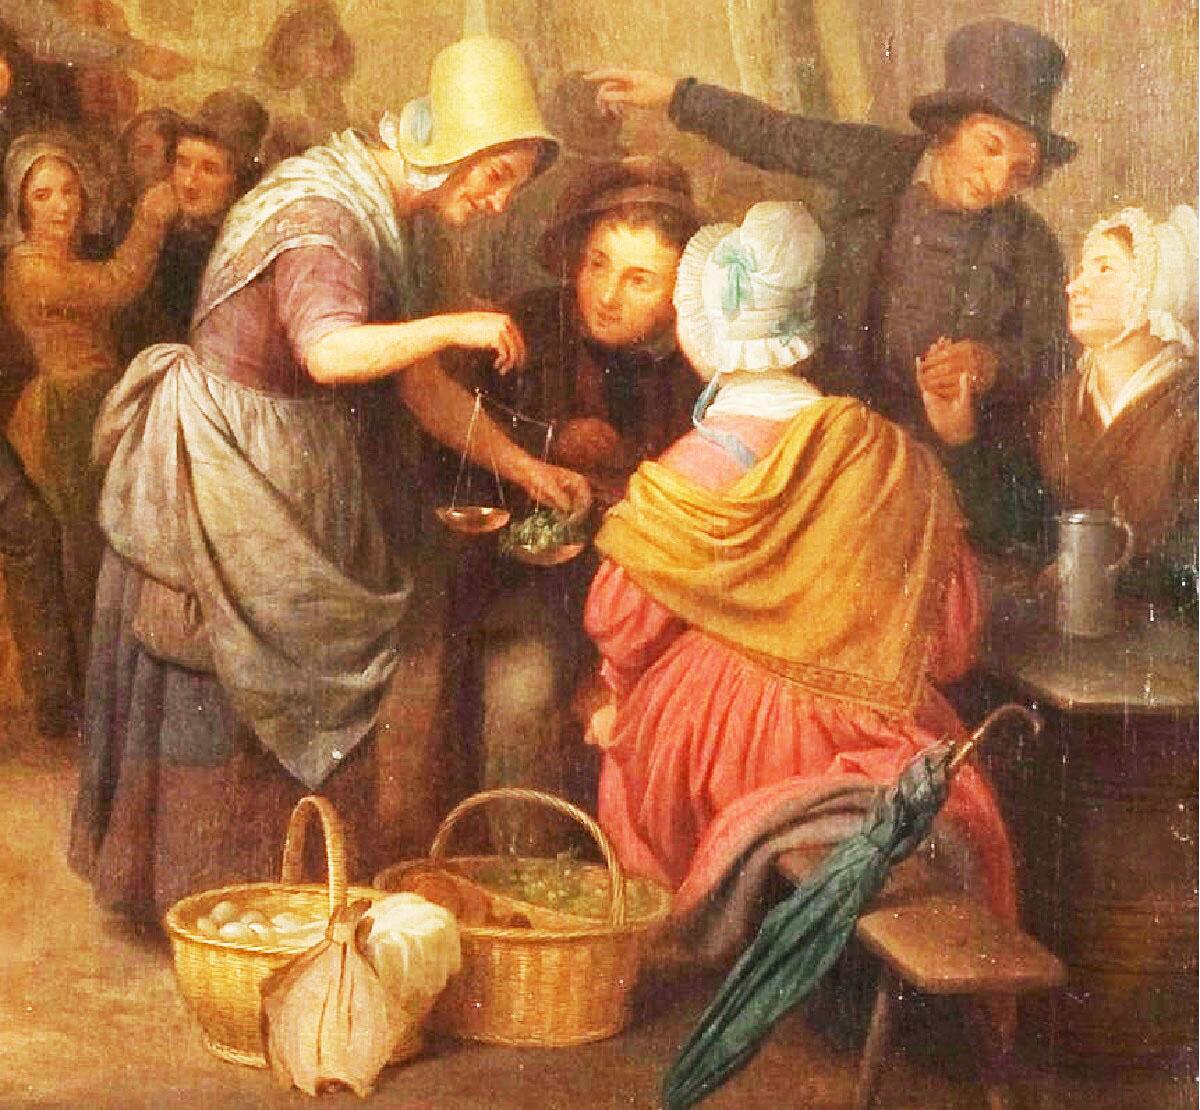 Базиль де Луз, «Праздник в деревне», фрагмент «Угощение и приглашение к танцу»